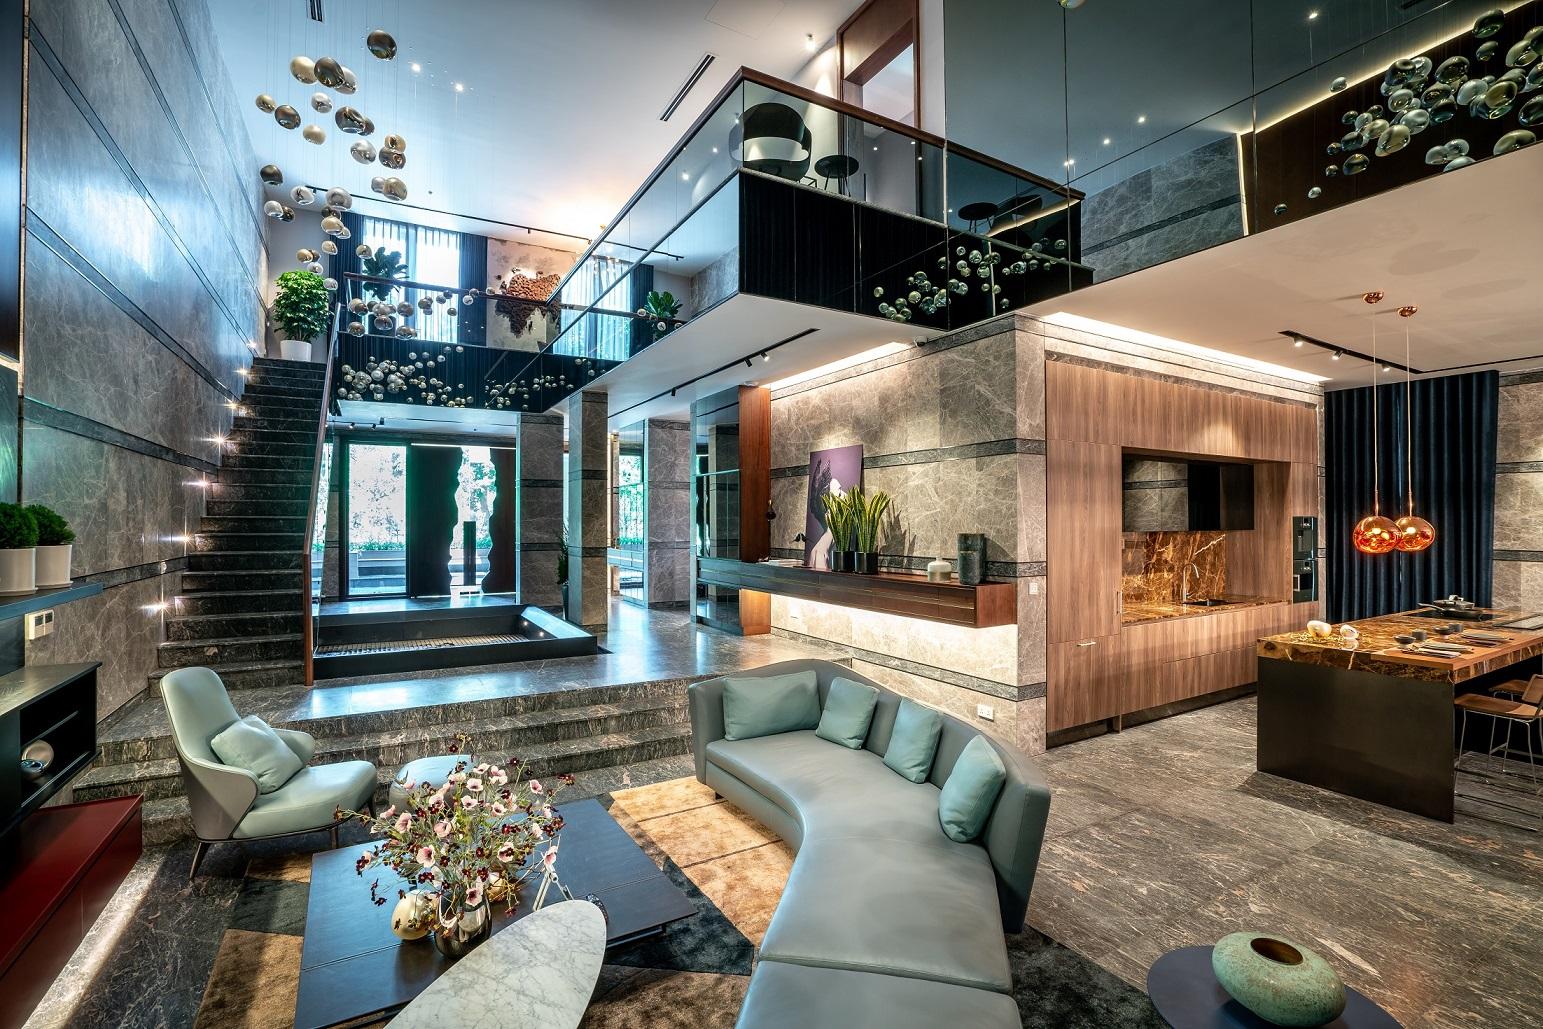 Khám phá nội thất xa xỉ của biệt thự triệu đô ở ngoại ô Hà Nội 8